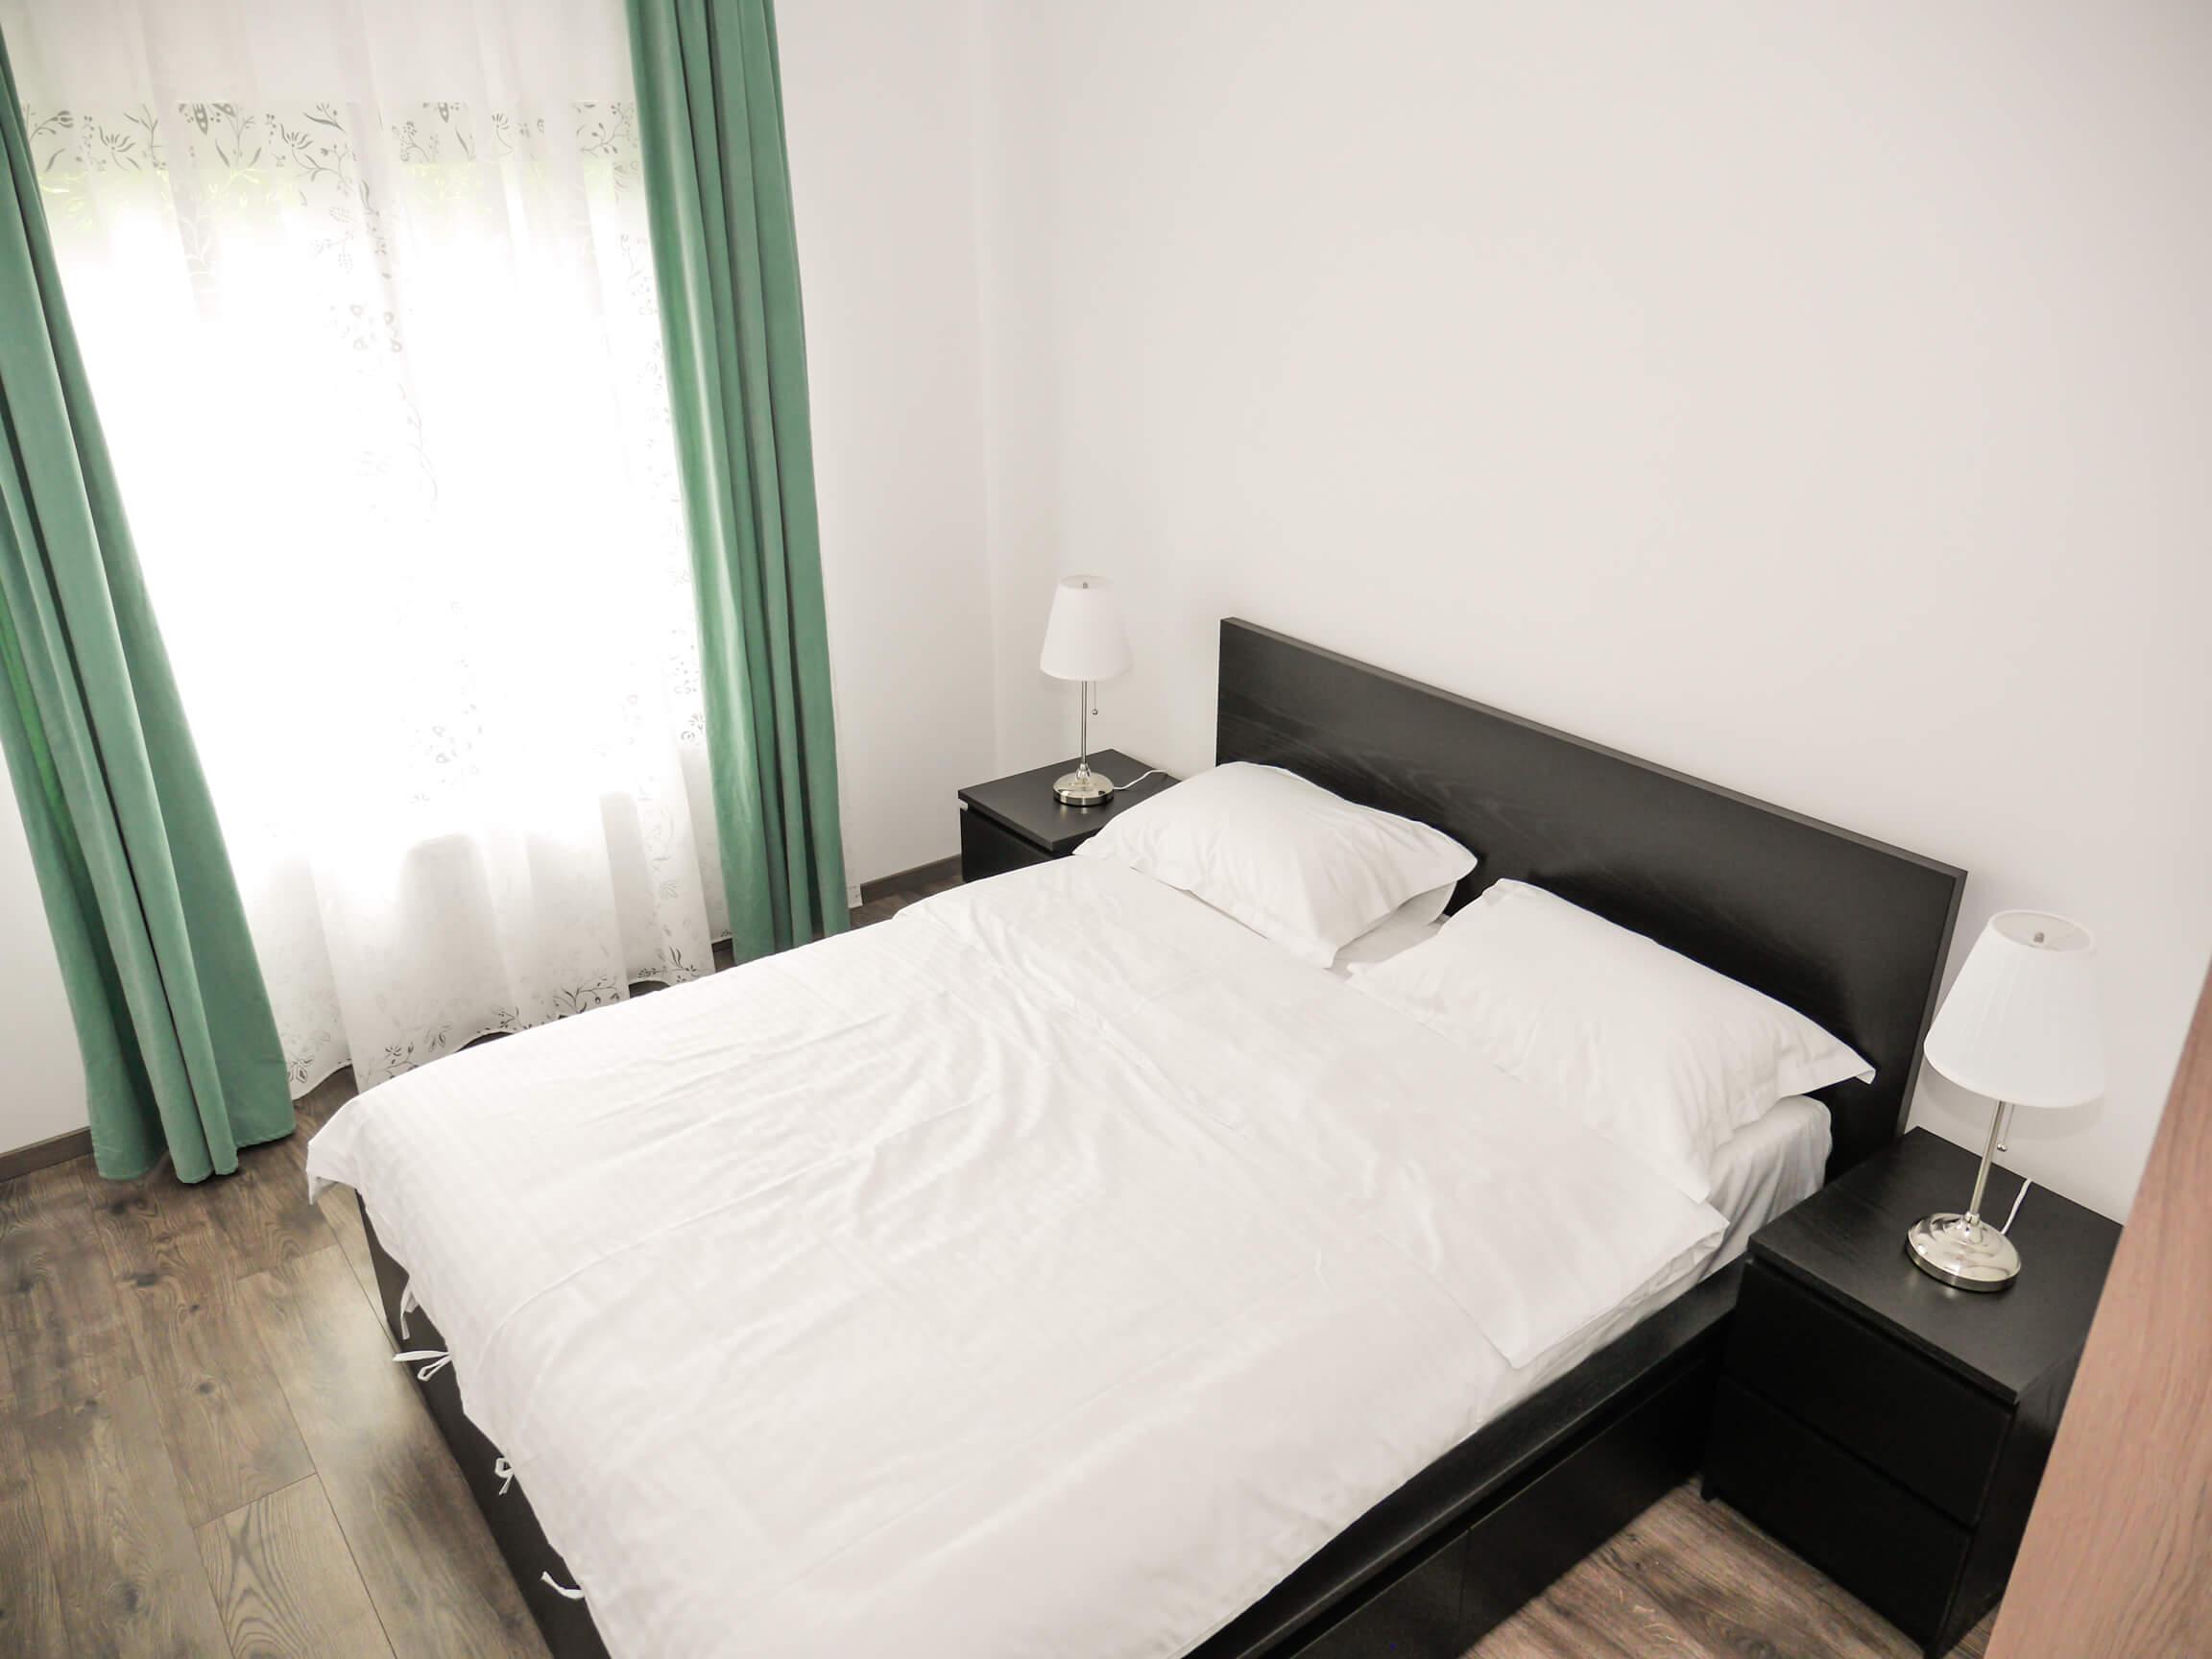 Clement Apartments - apartamente de inchiriat in regim hotelier - cazare neamt - cazare piatra neamt - apartament 8 (6)